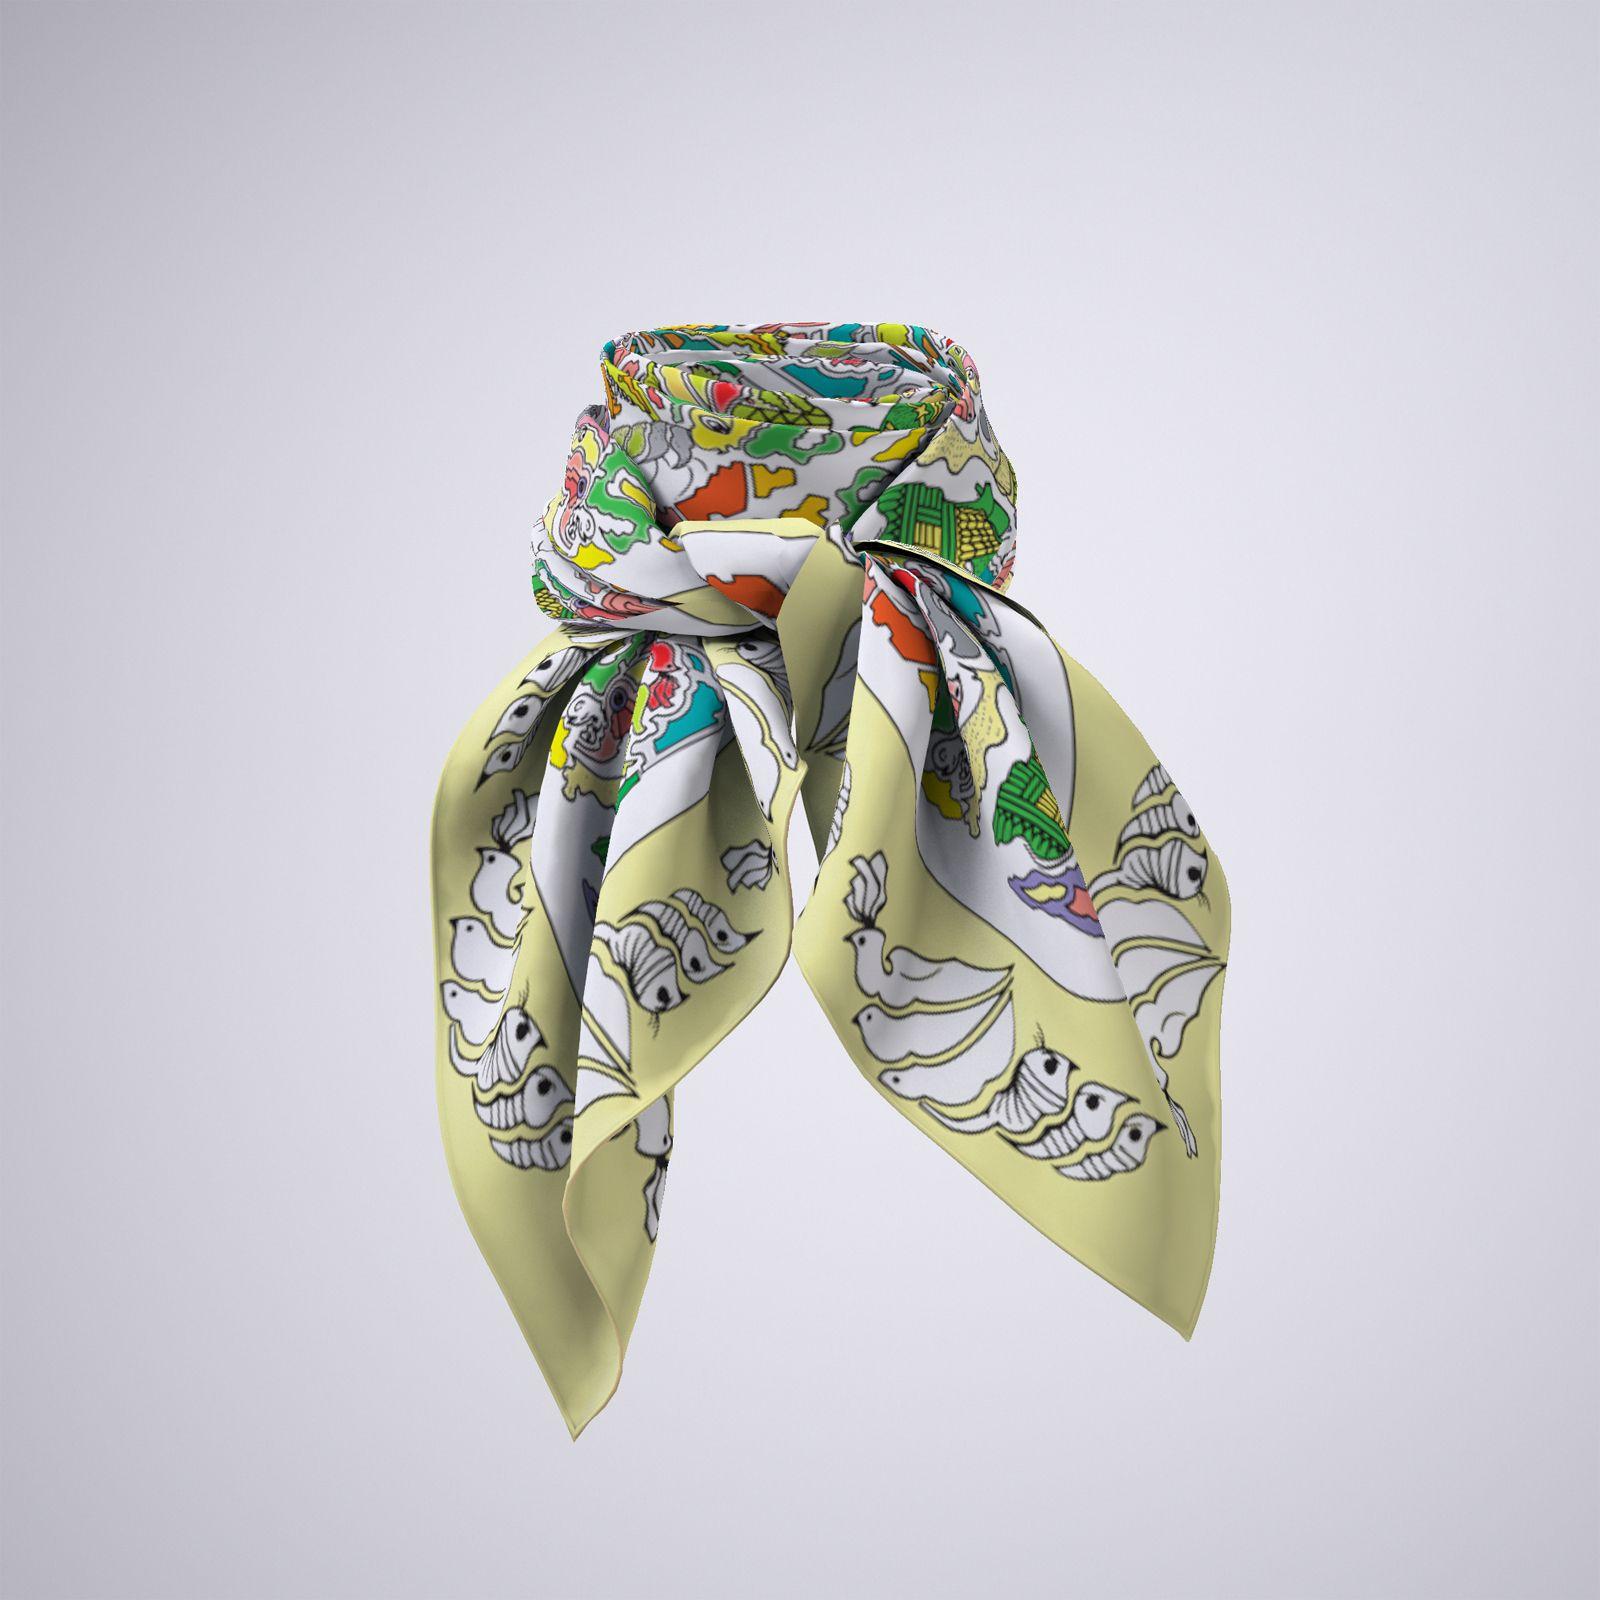 روسری زنانه مدل باغ پرندگان کد 01 -  - 5